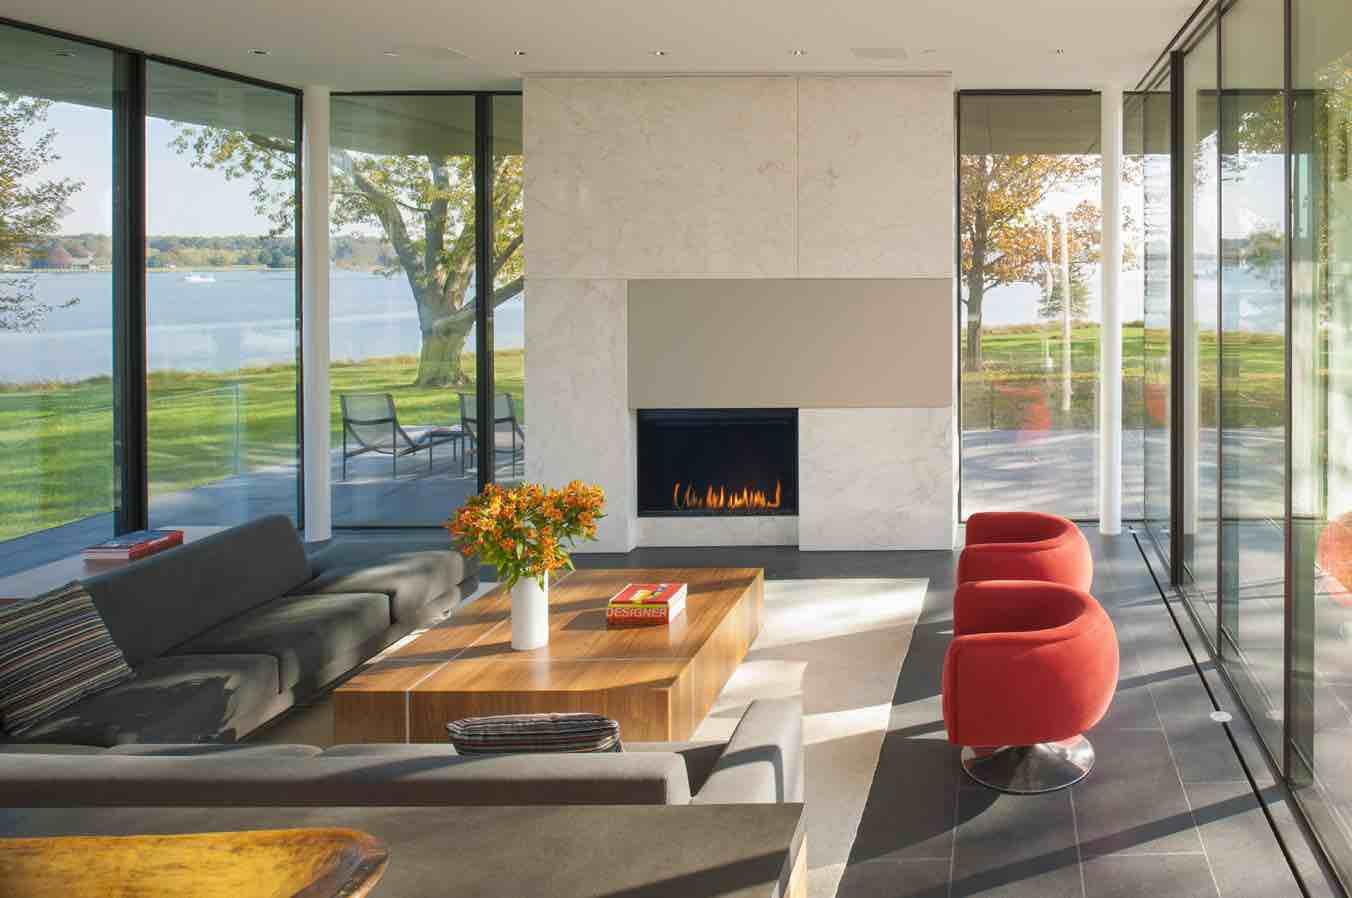 tred-avon-river-house-robert-m-gurney-architect_mackenzie-gurney-guttmanresidence-27